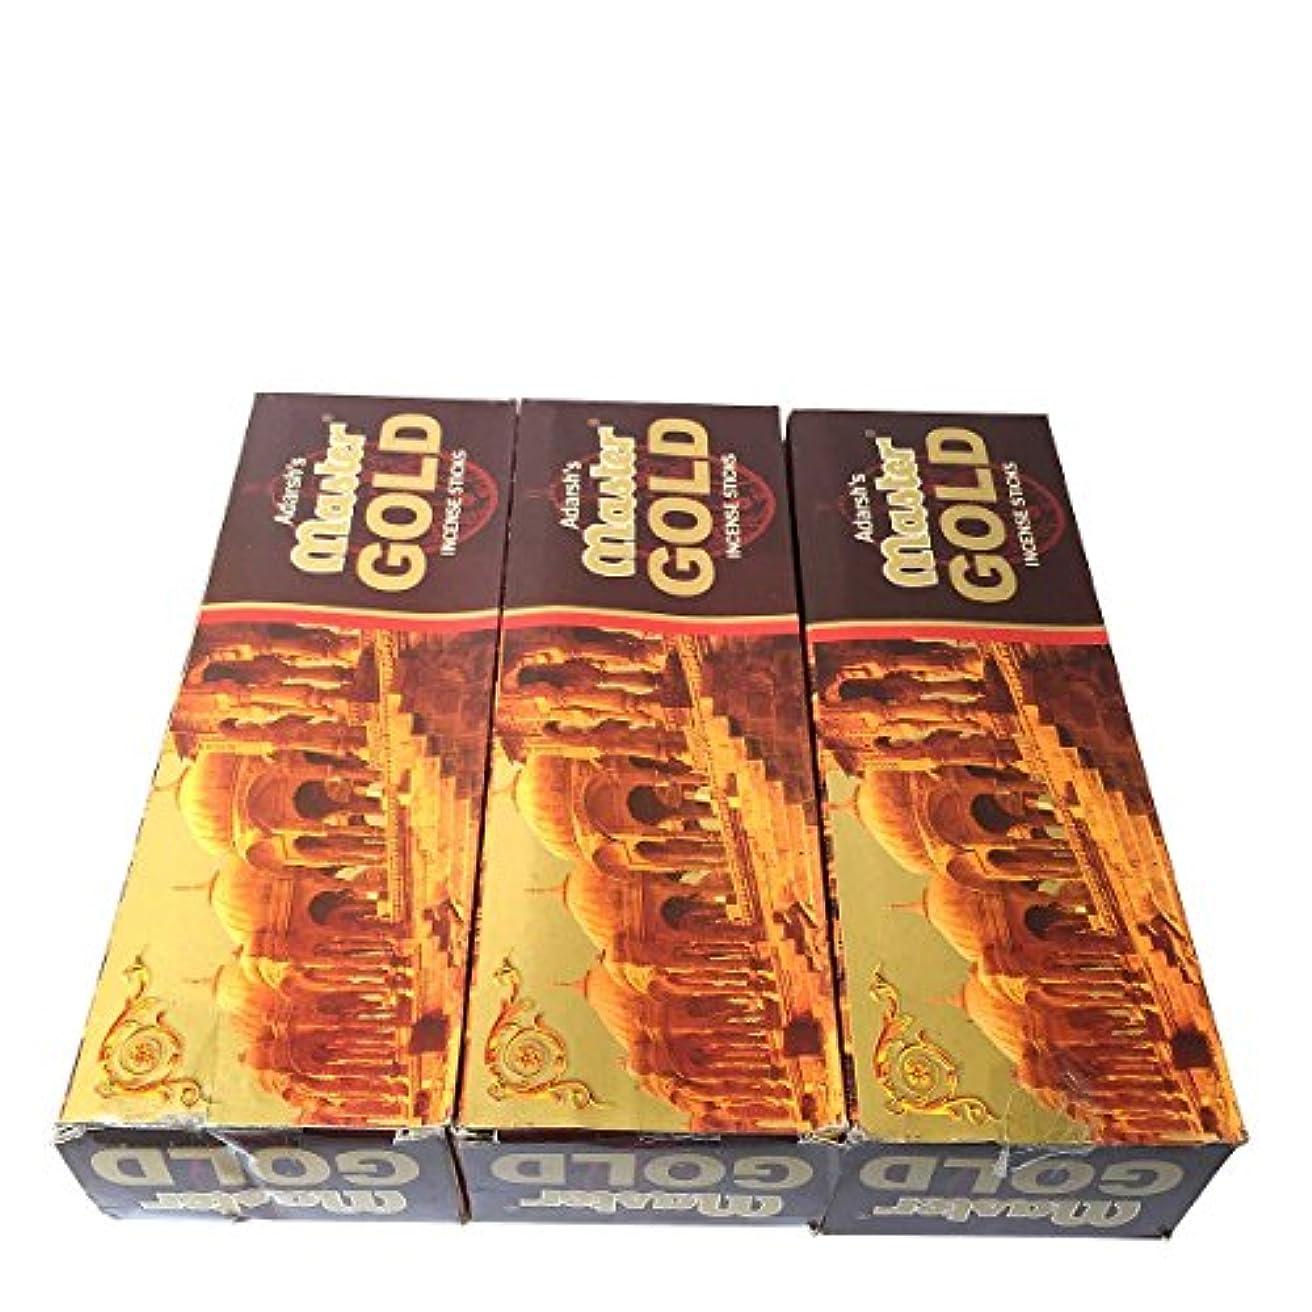 関与する顕著郵便番号マスターゴールド香スティック 3BOX(18箱) /ADARSH AROMATICS  MASTER GOLD/インセンス/インド香 お香 [並行輸入品]